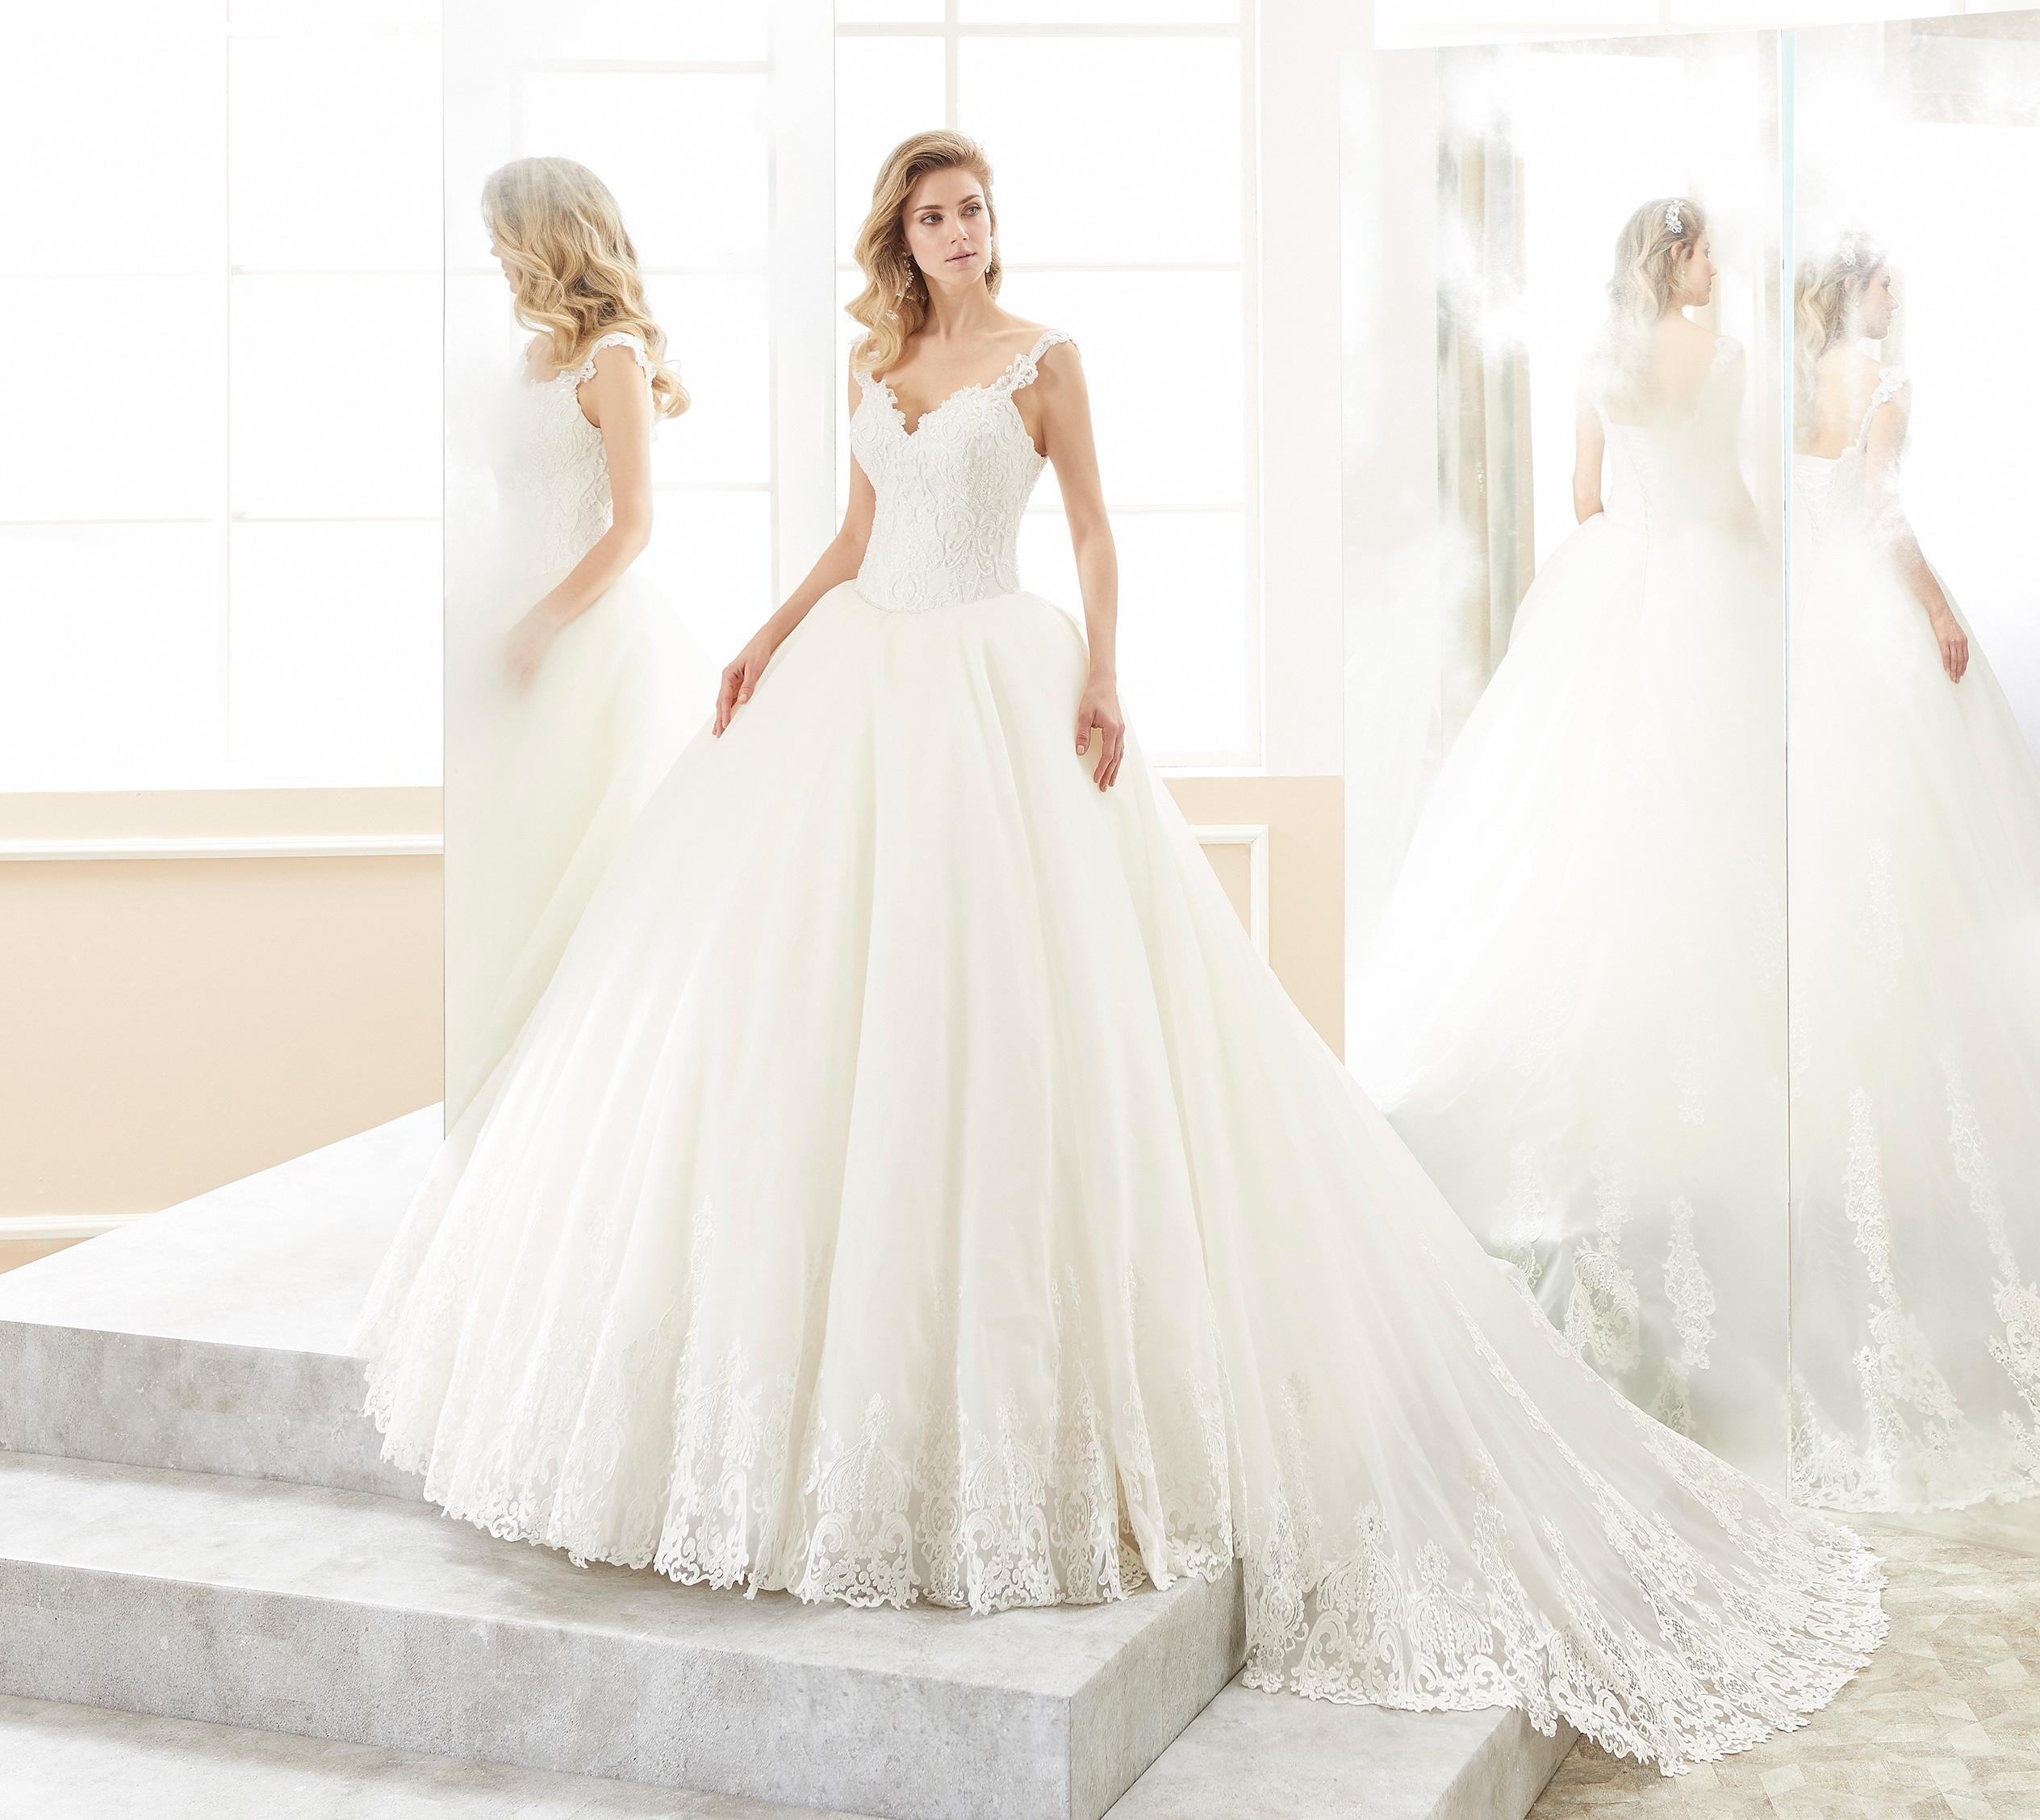 Mach Den Test Welches Prinzessinnen Brautkleid Ware Dein Favorit